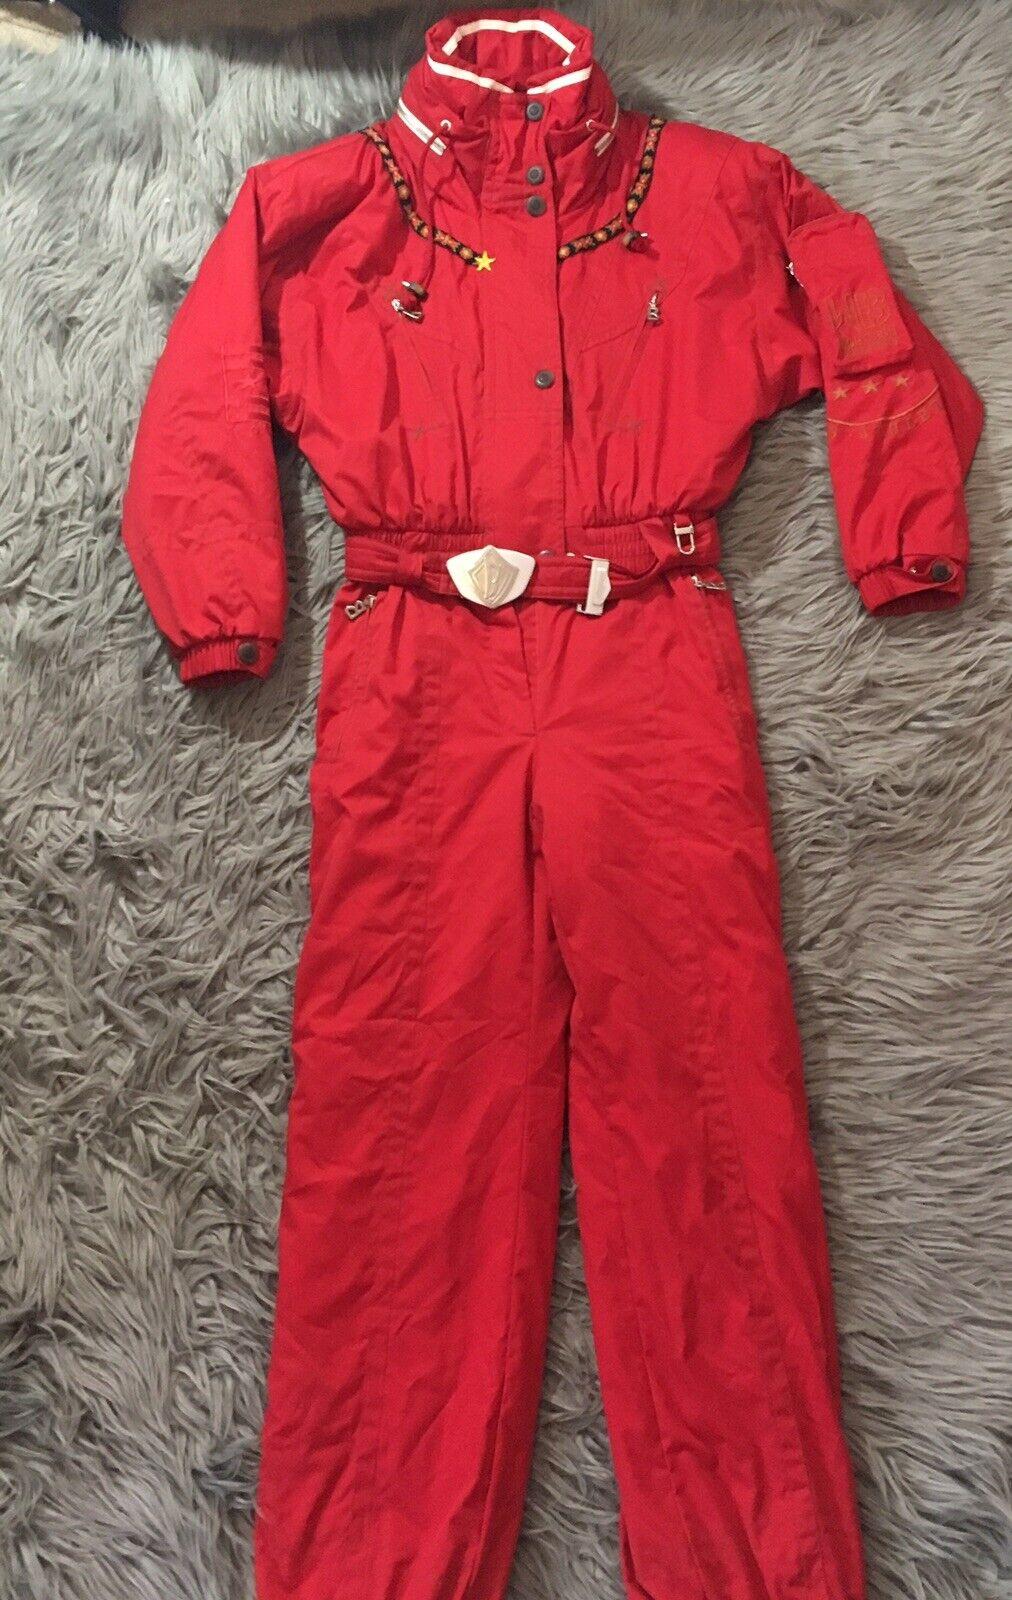 Bogner WB Ladies Sz 8 Sub Zero RED 1-pc Ski Snow Suit Vtg 80s 90s Romper One